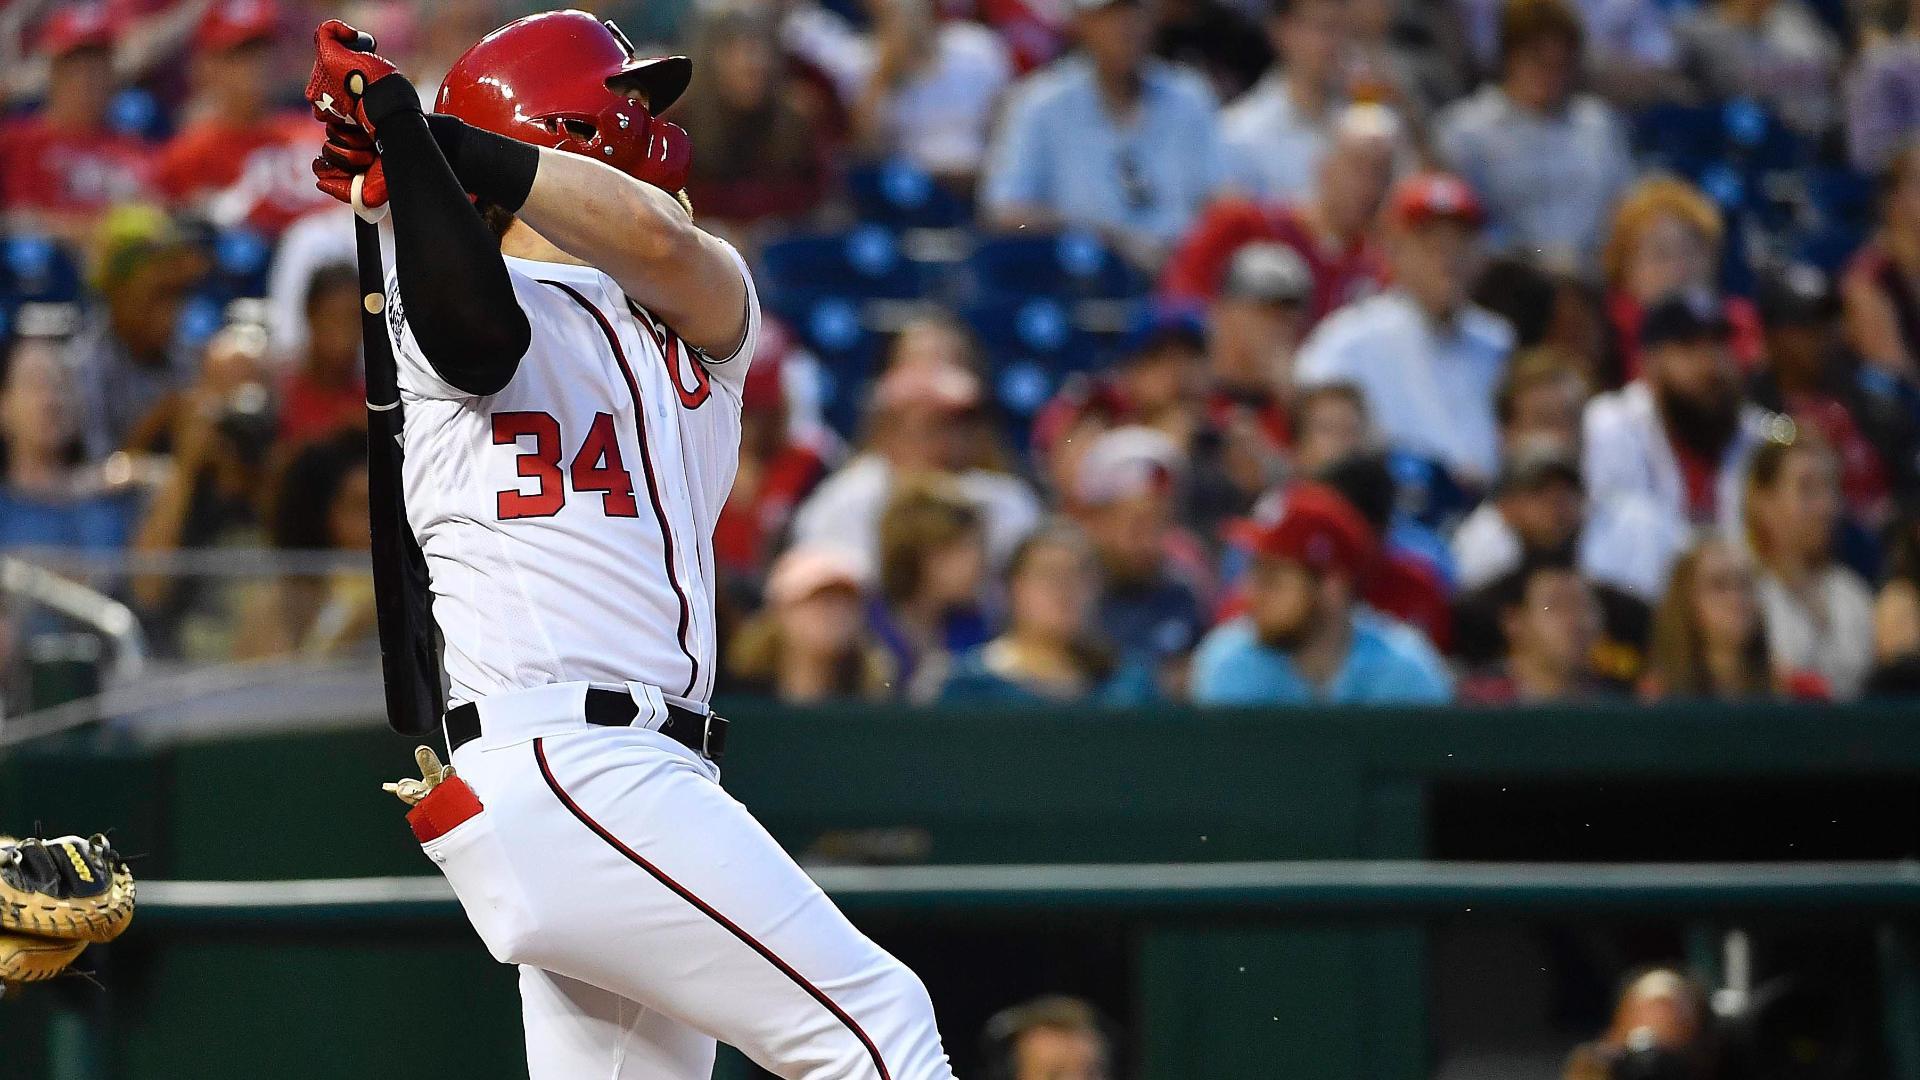 http://a.espncdn.com/media/motion/2018/0521/dm_180521_MLB_Nationals_Harper_solo_homer1306/dm_180521_MLB_Nationals_Harper_solo_homer1306.jpg